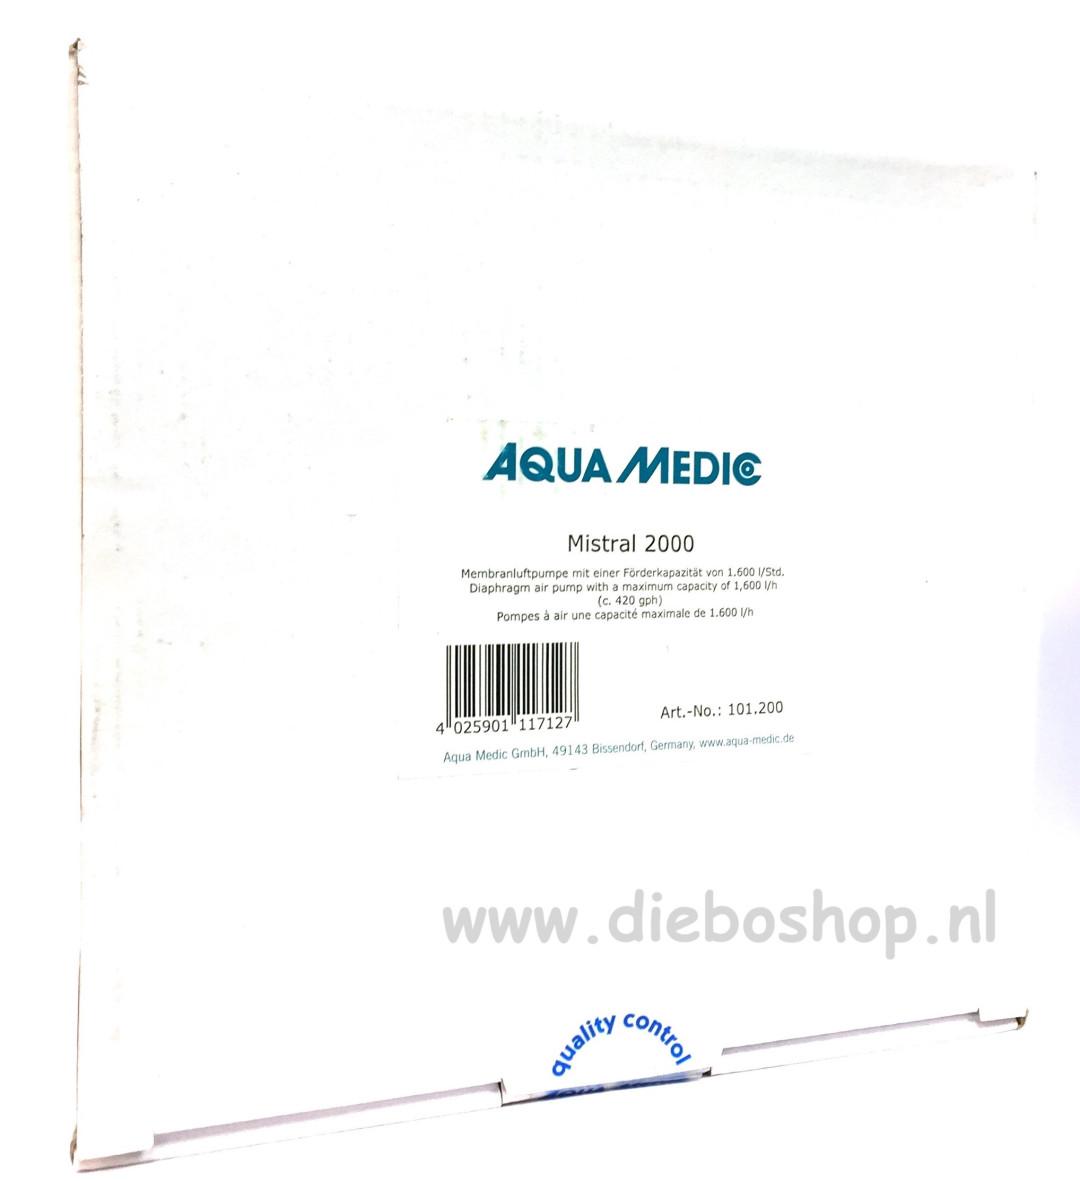 Aqua Medic Mistral 2000